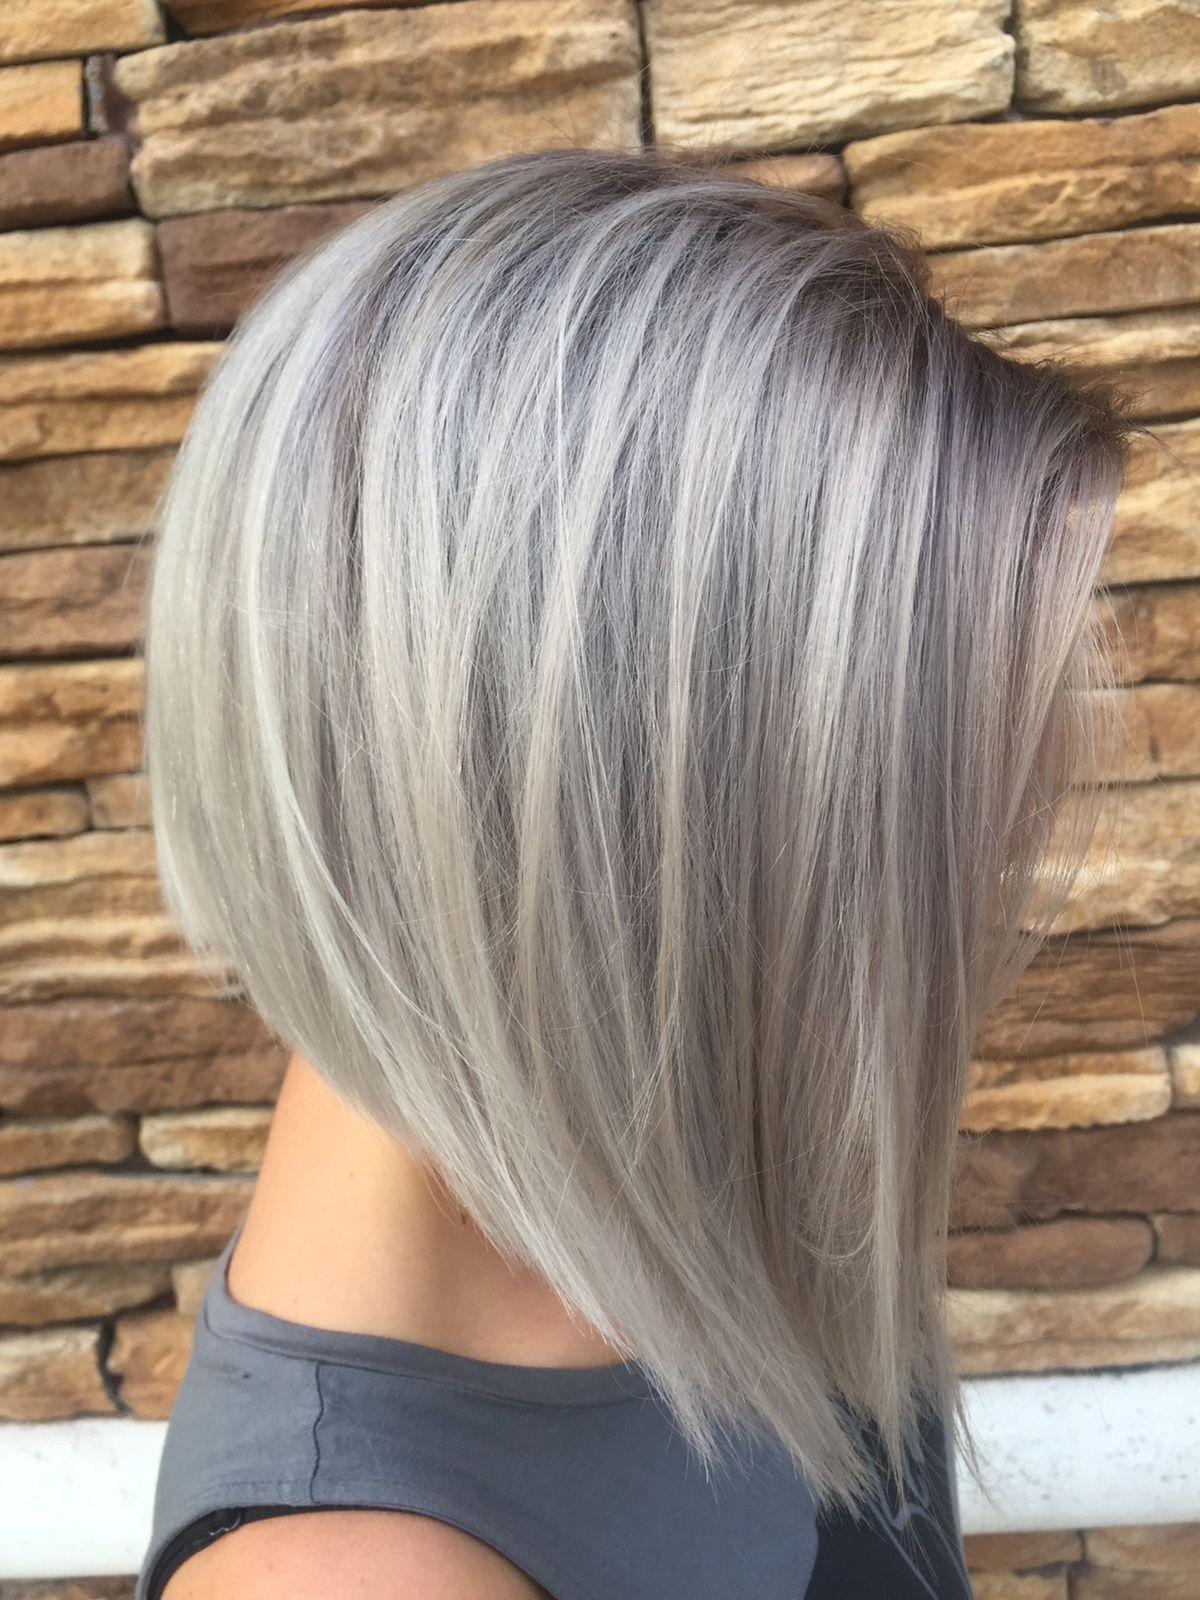 Short C Cut Haircut - Hair Style  Hair Styling